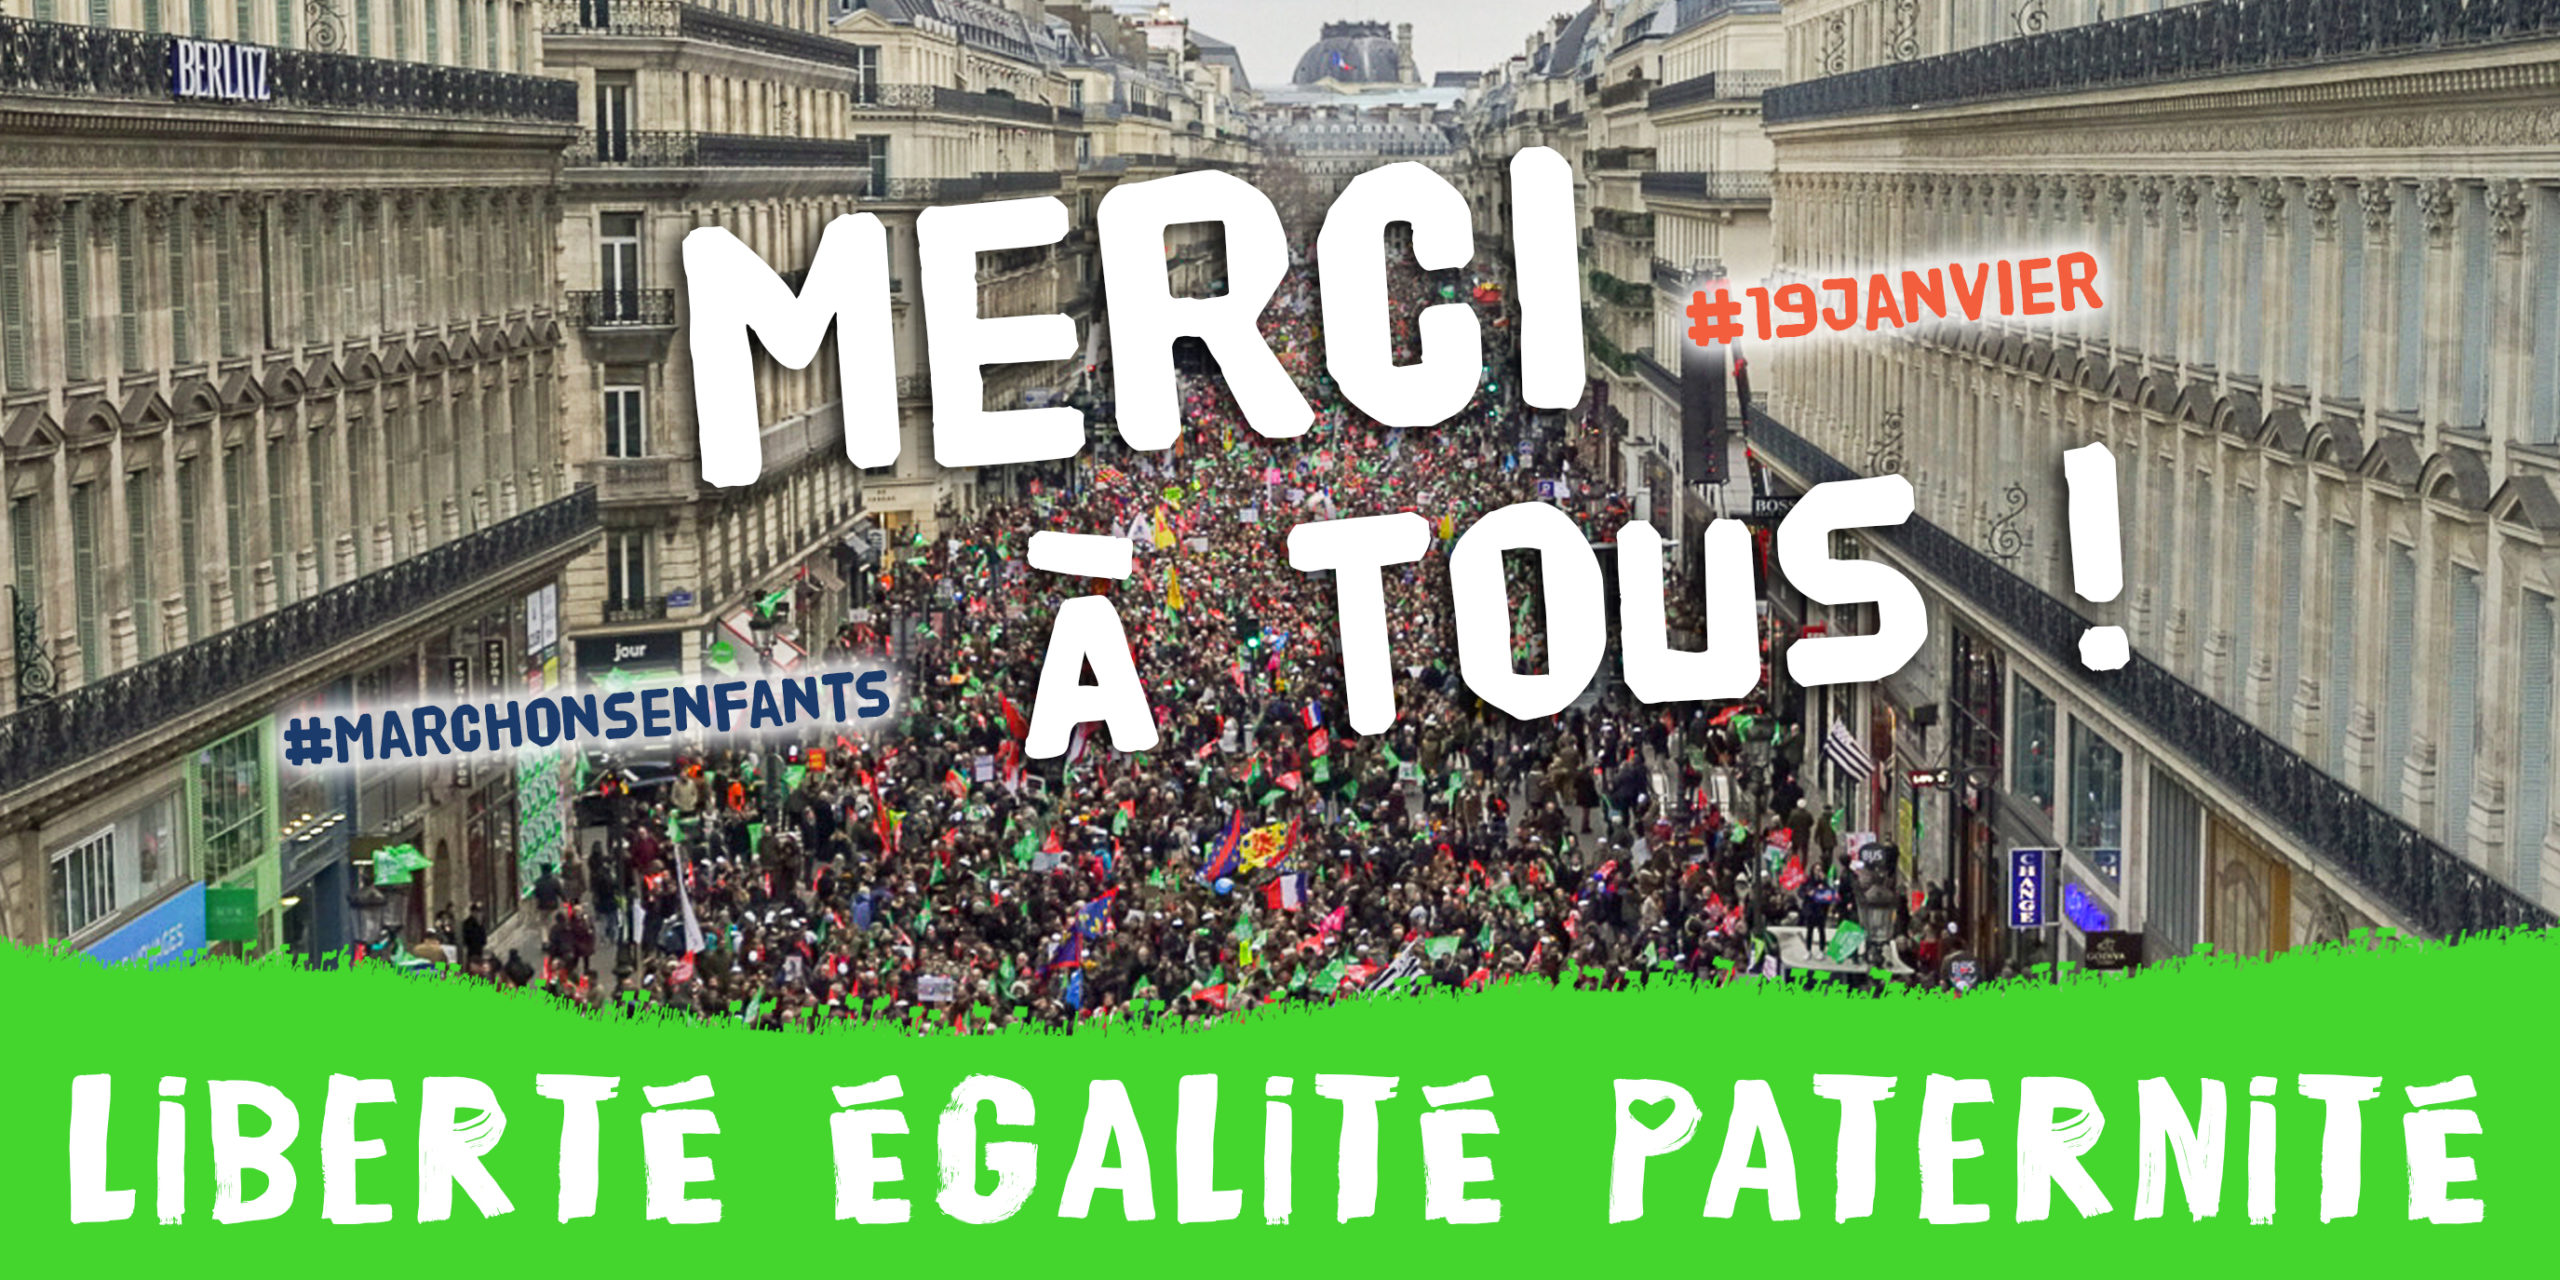 Image - Retour sur la manifestation Marchons Enfants du 19 janvier